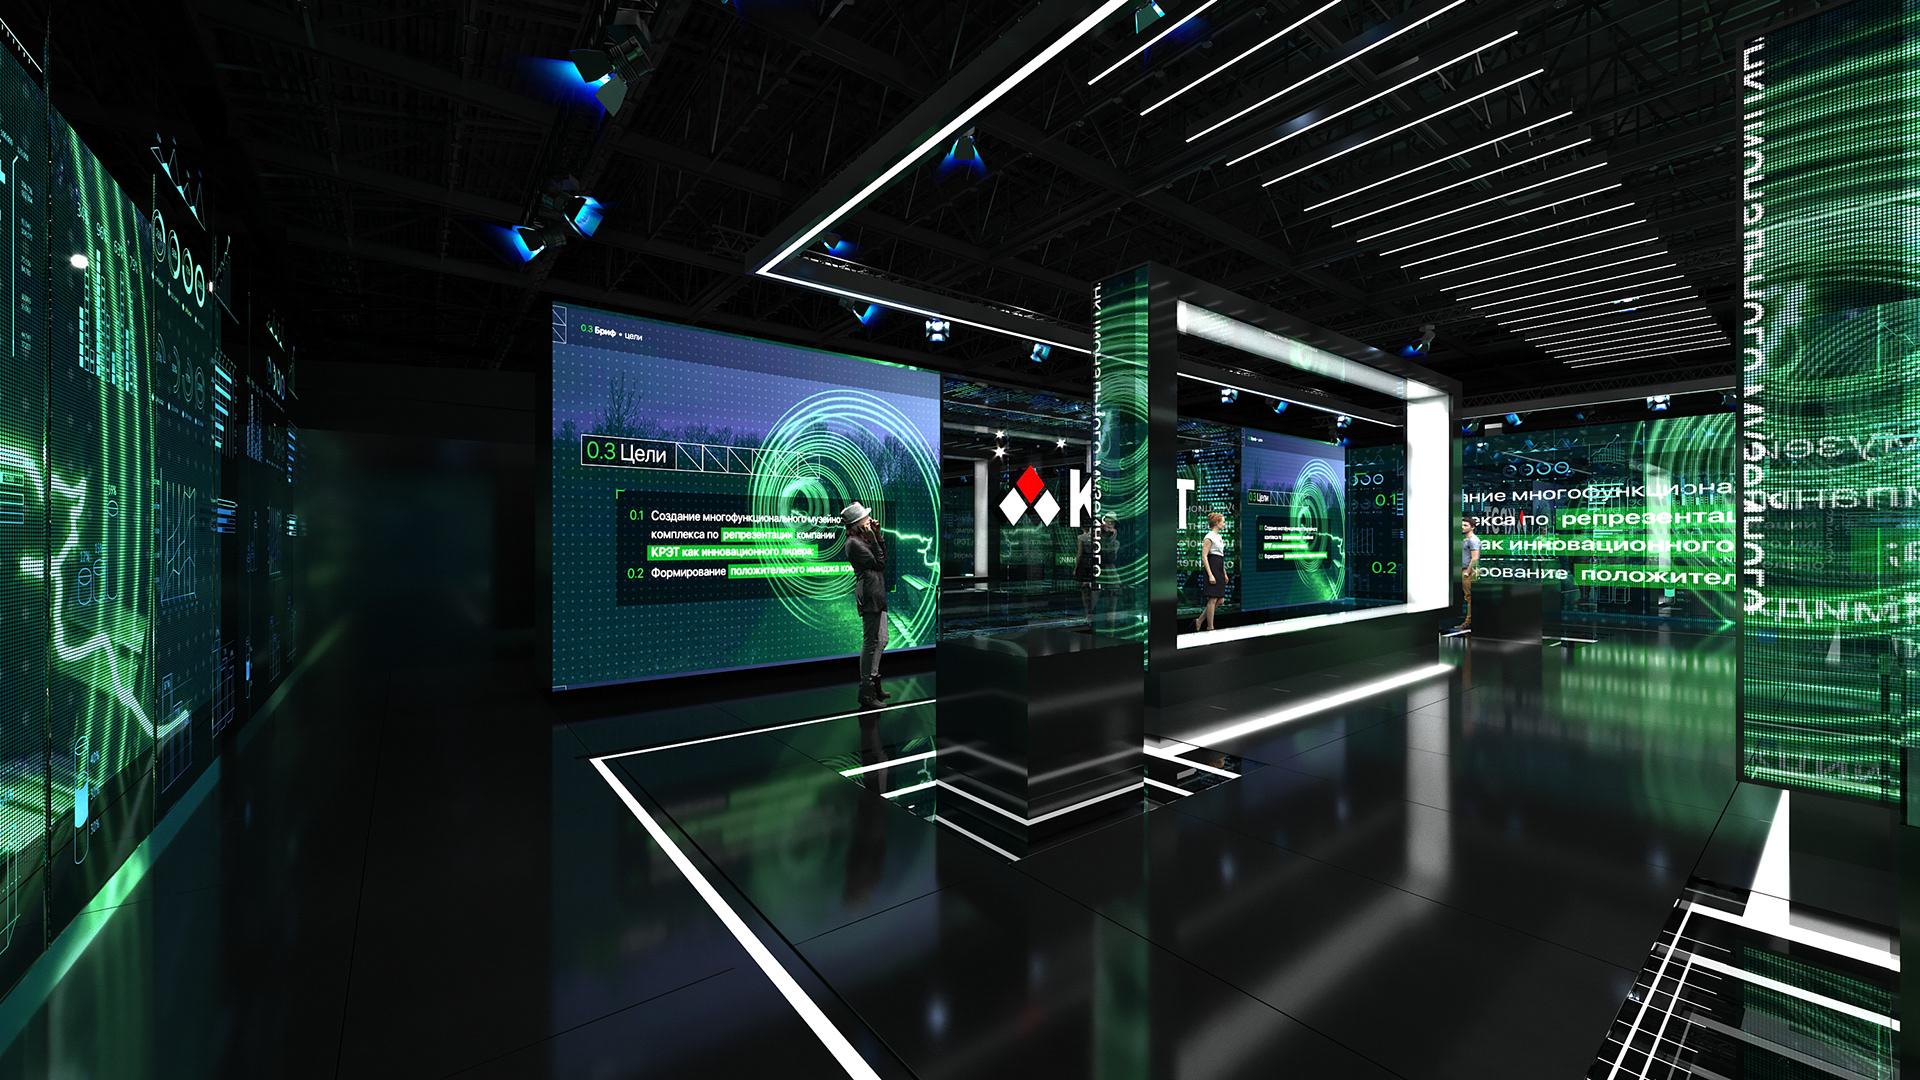 国际资讯_科技展馆的概念设计|文章-元素谷(OSOGOO)